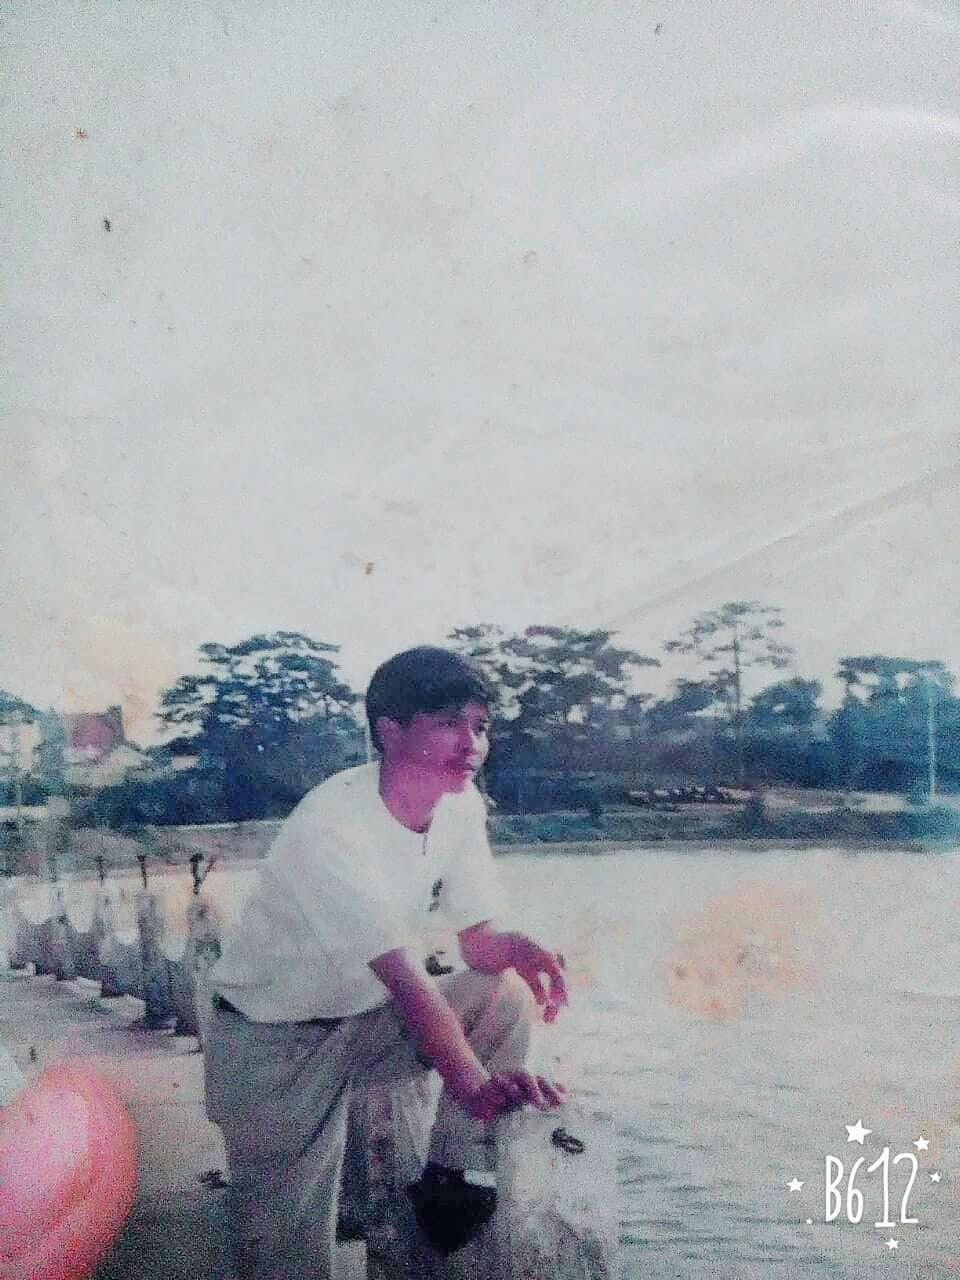 Chuyện cô gái tìm lại được anh chị em cùng cha khác mẹ sau 10 năm xa cách: Từ bức ảnh năm xưa của người cha quá cố - Ảnh 2.